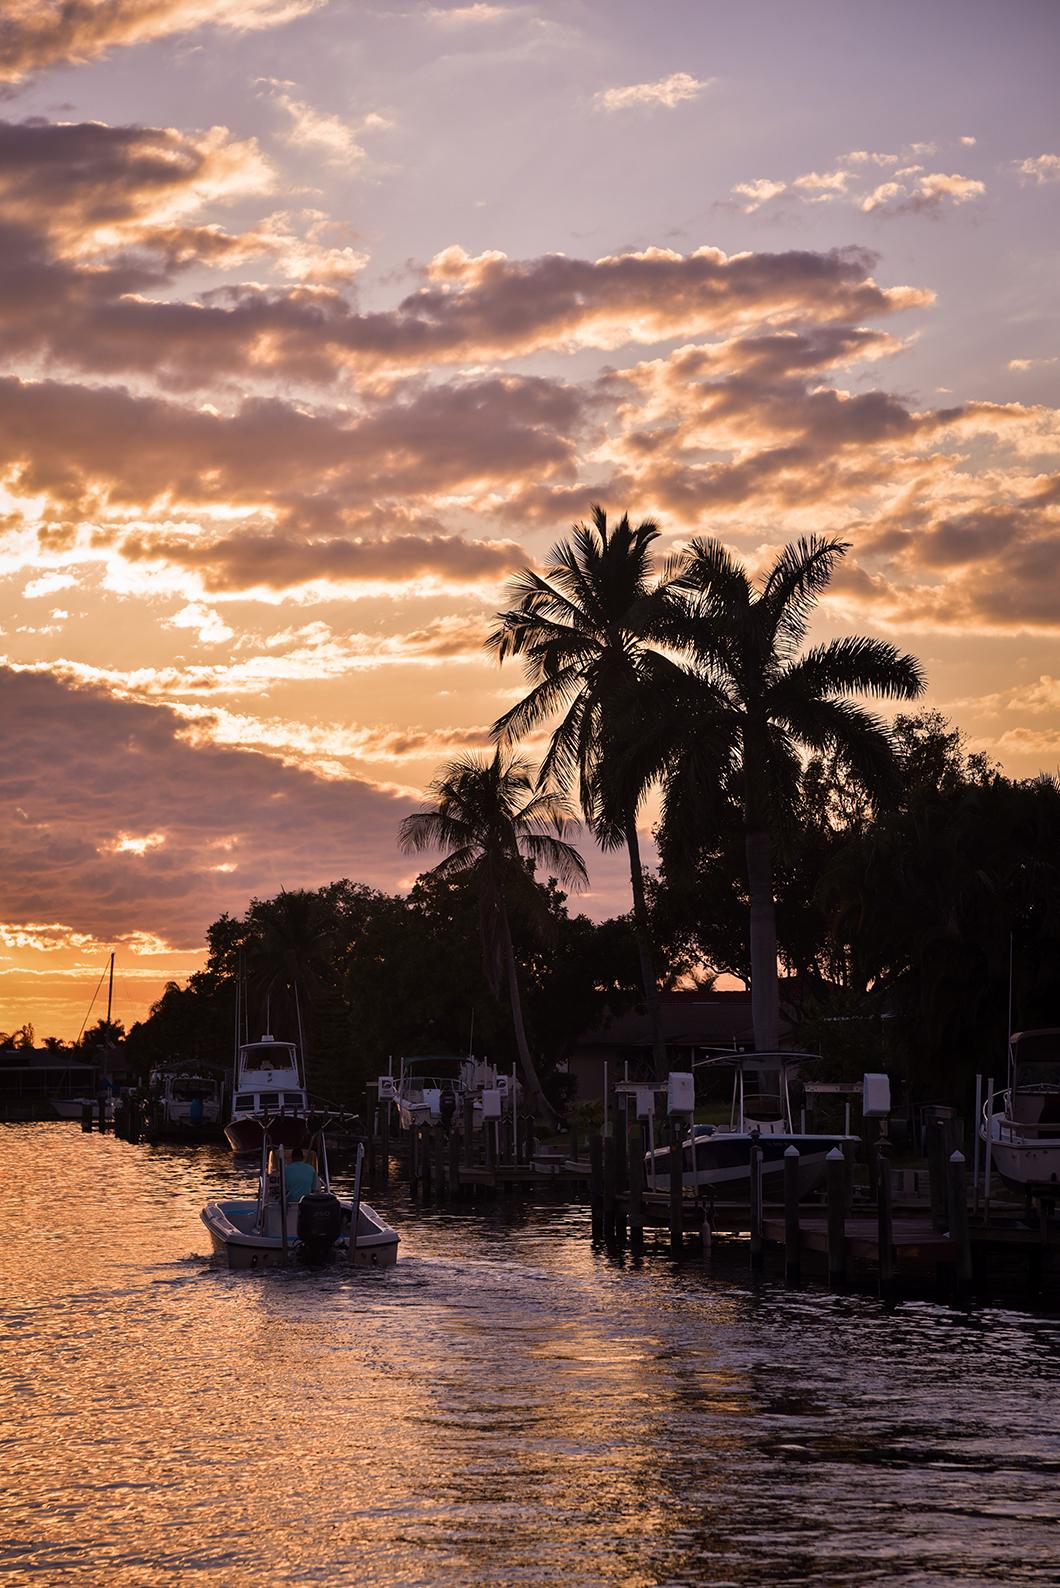 Nuit insolite en Floride - Dormir sur un bateau